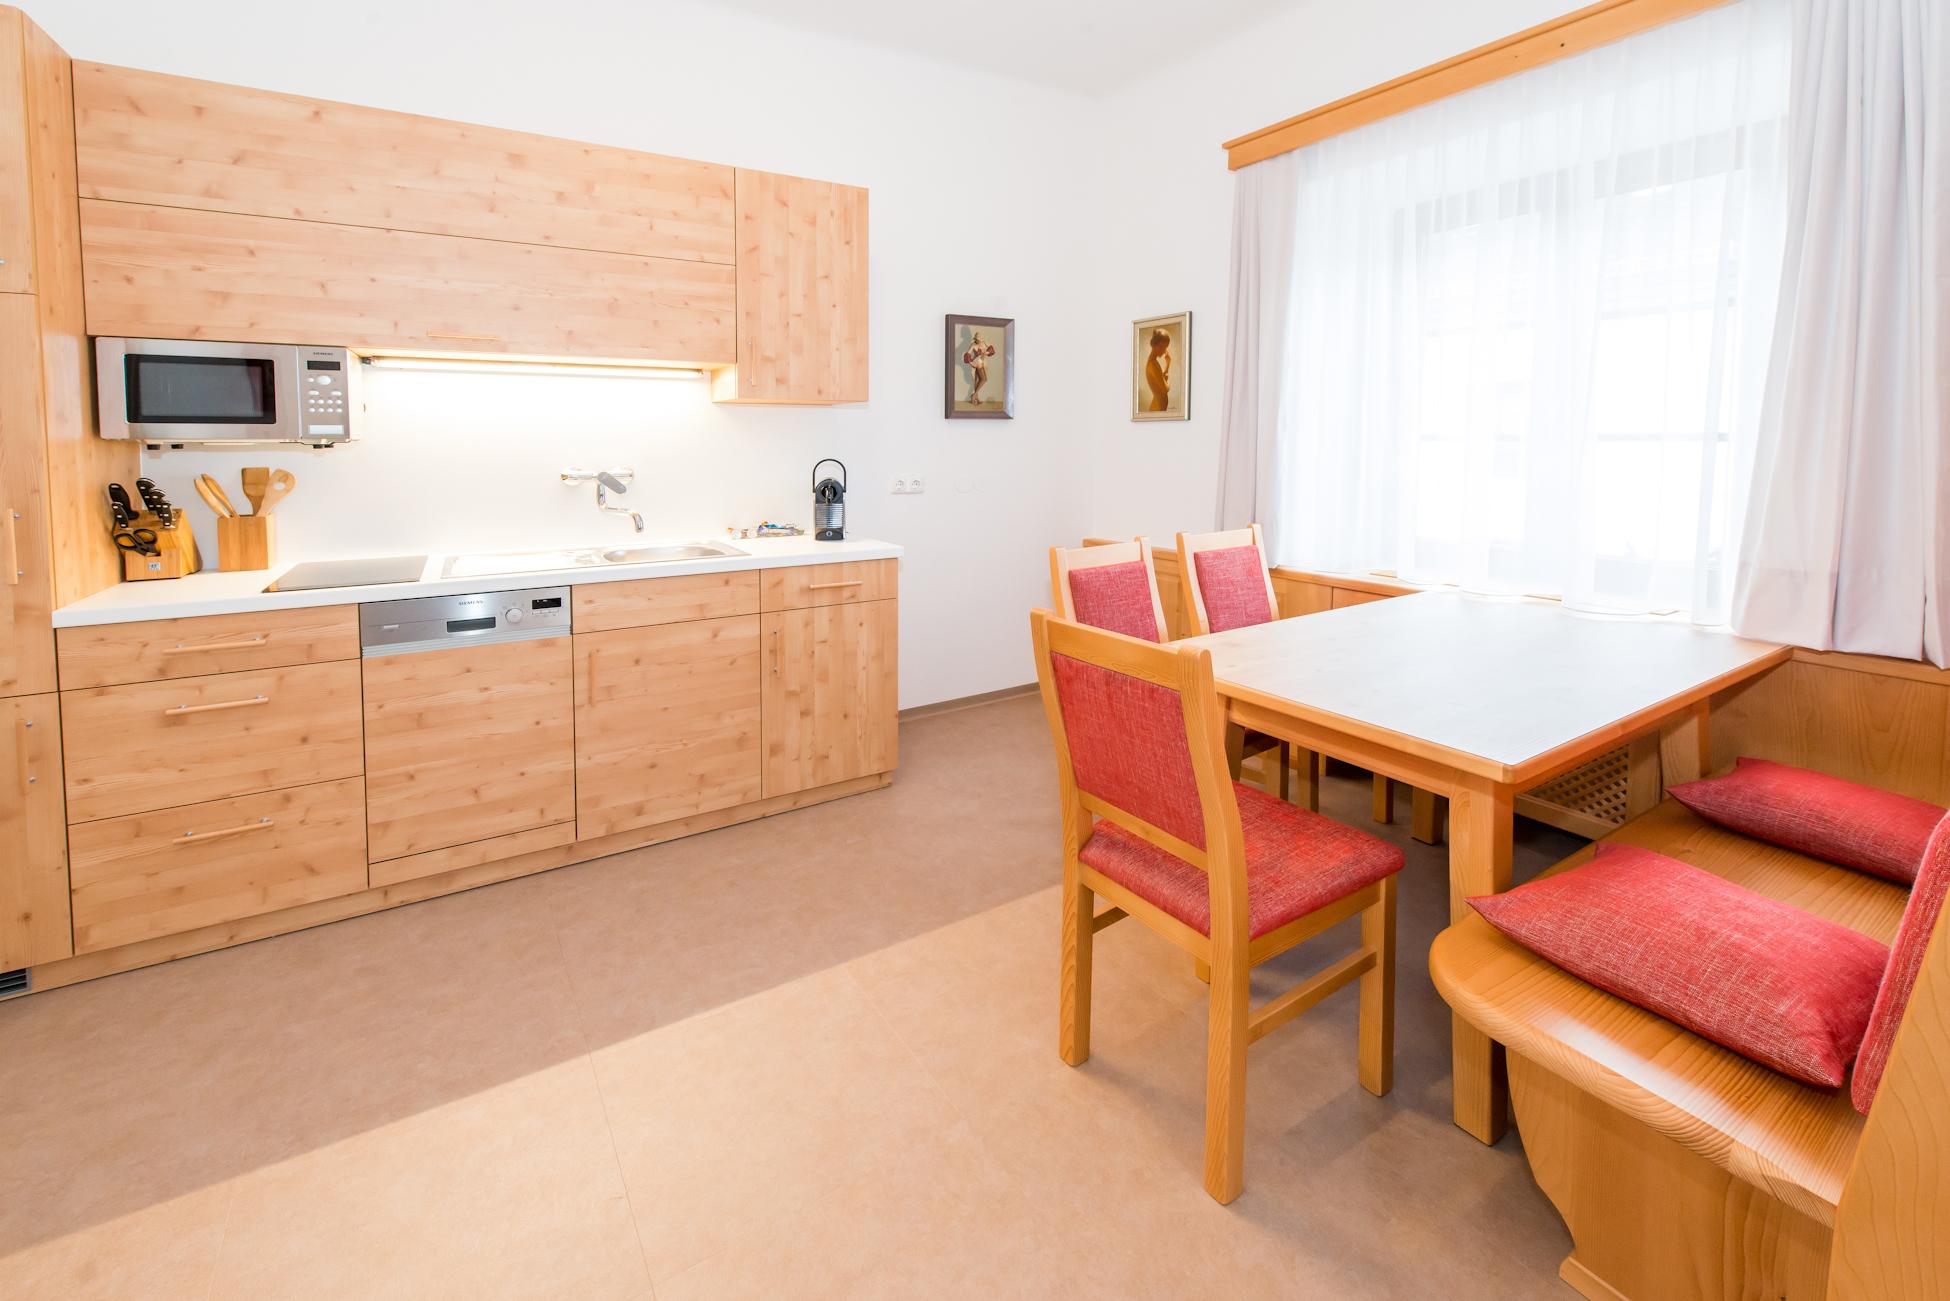 Küche von Wohnung 4, ferienwohnungen-ybbsitz.at